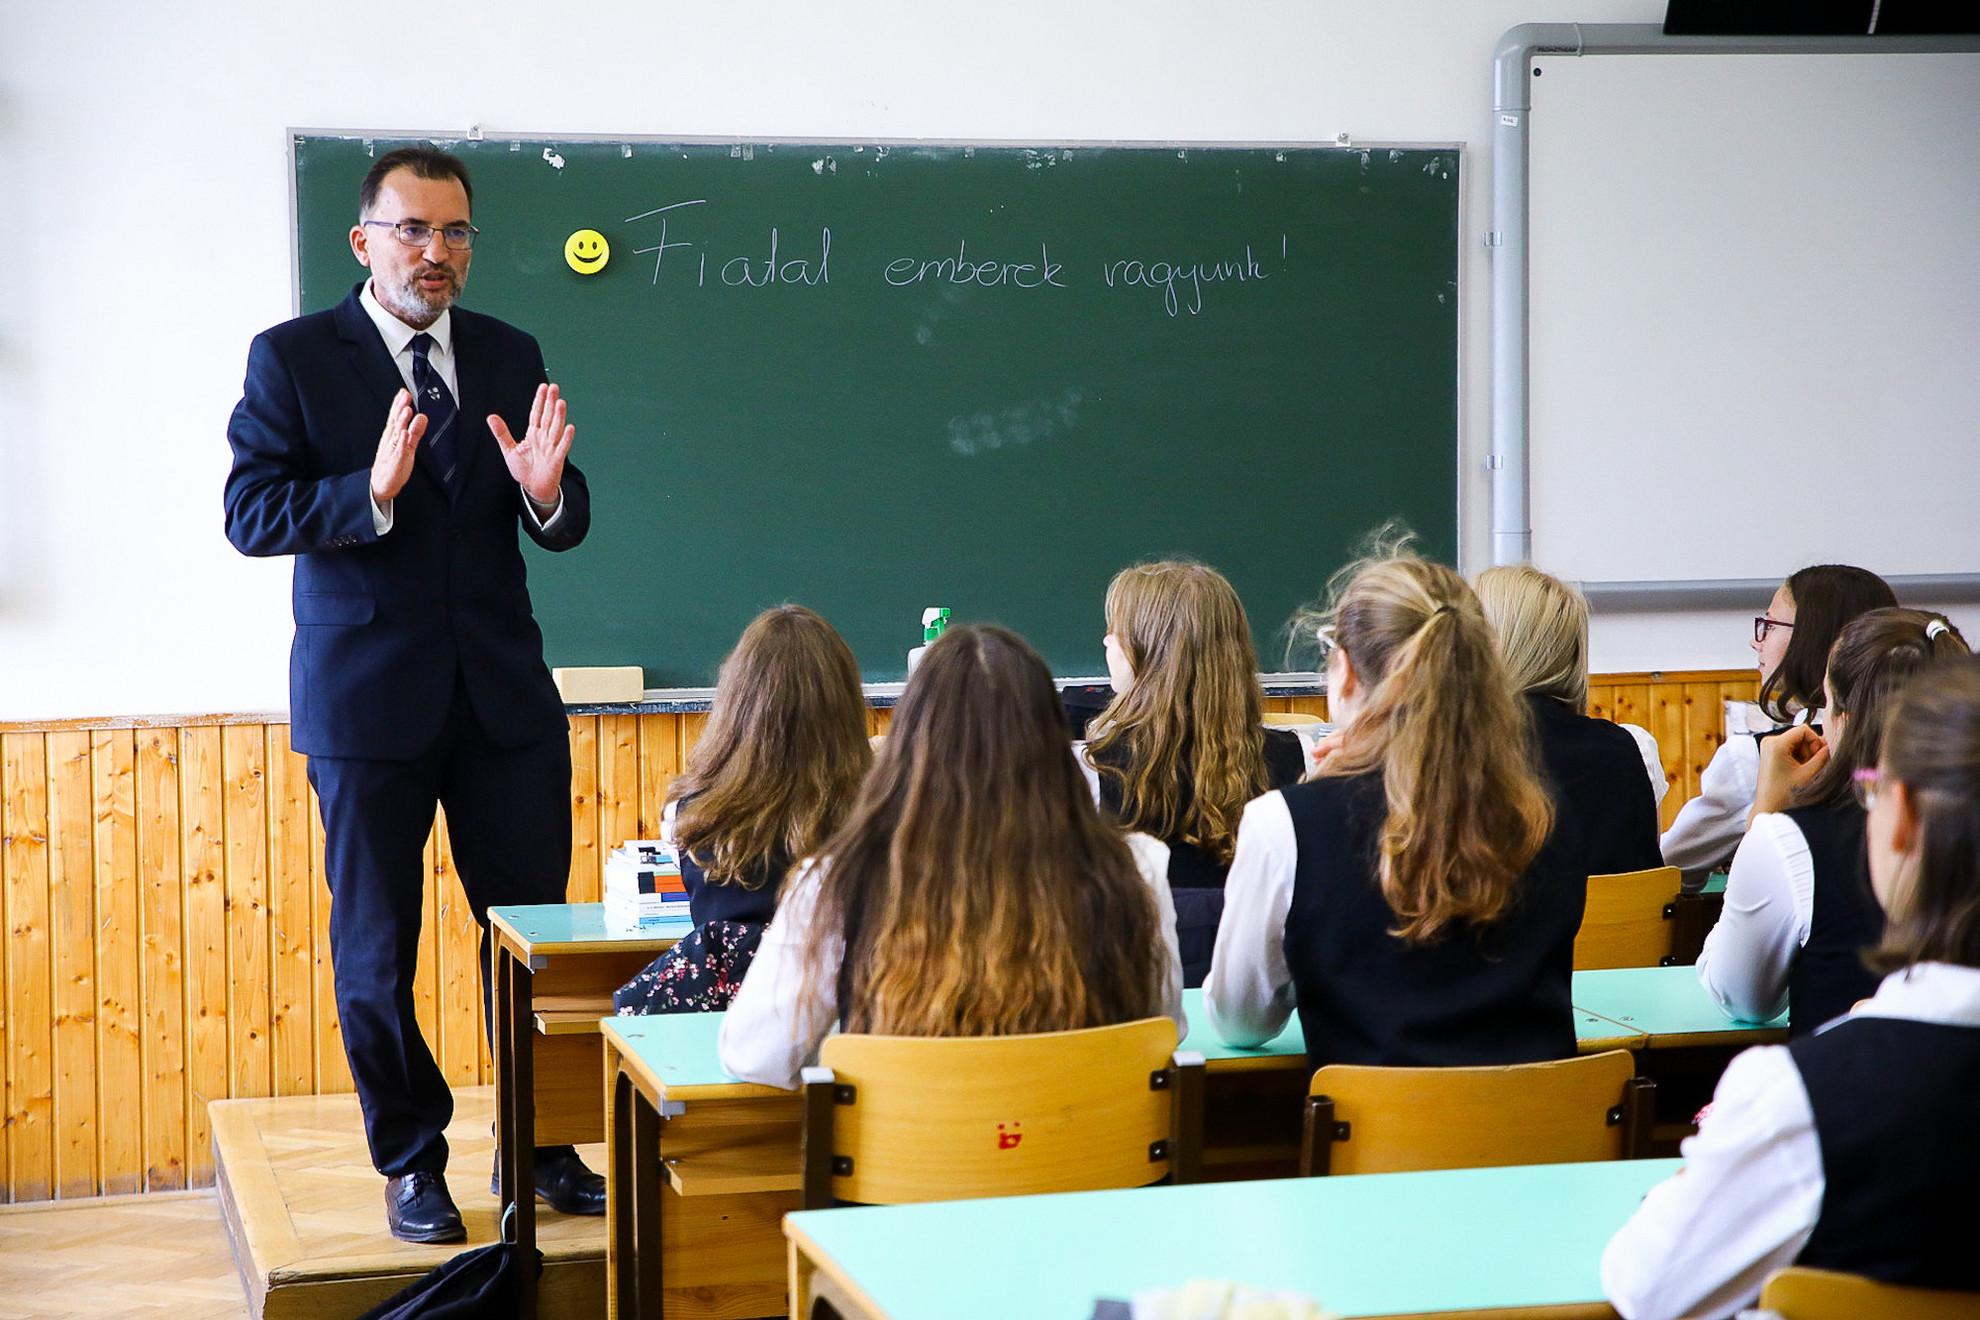 A 2021/2022-es tanév kezdete a Budai Ciszterci Szent Imre Gimnáziumban 2021. szeptember 1-jén